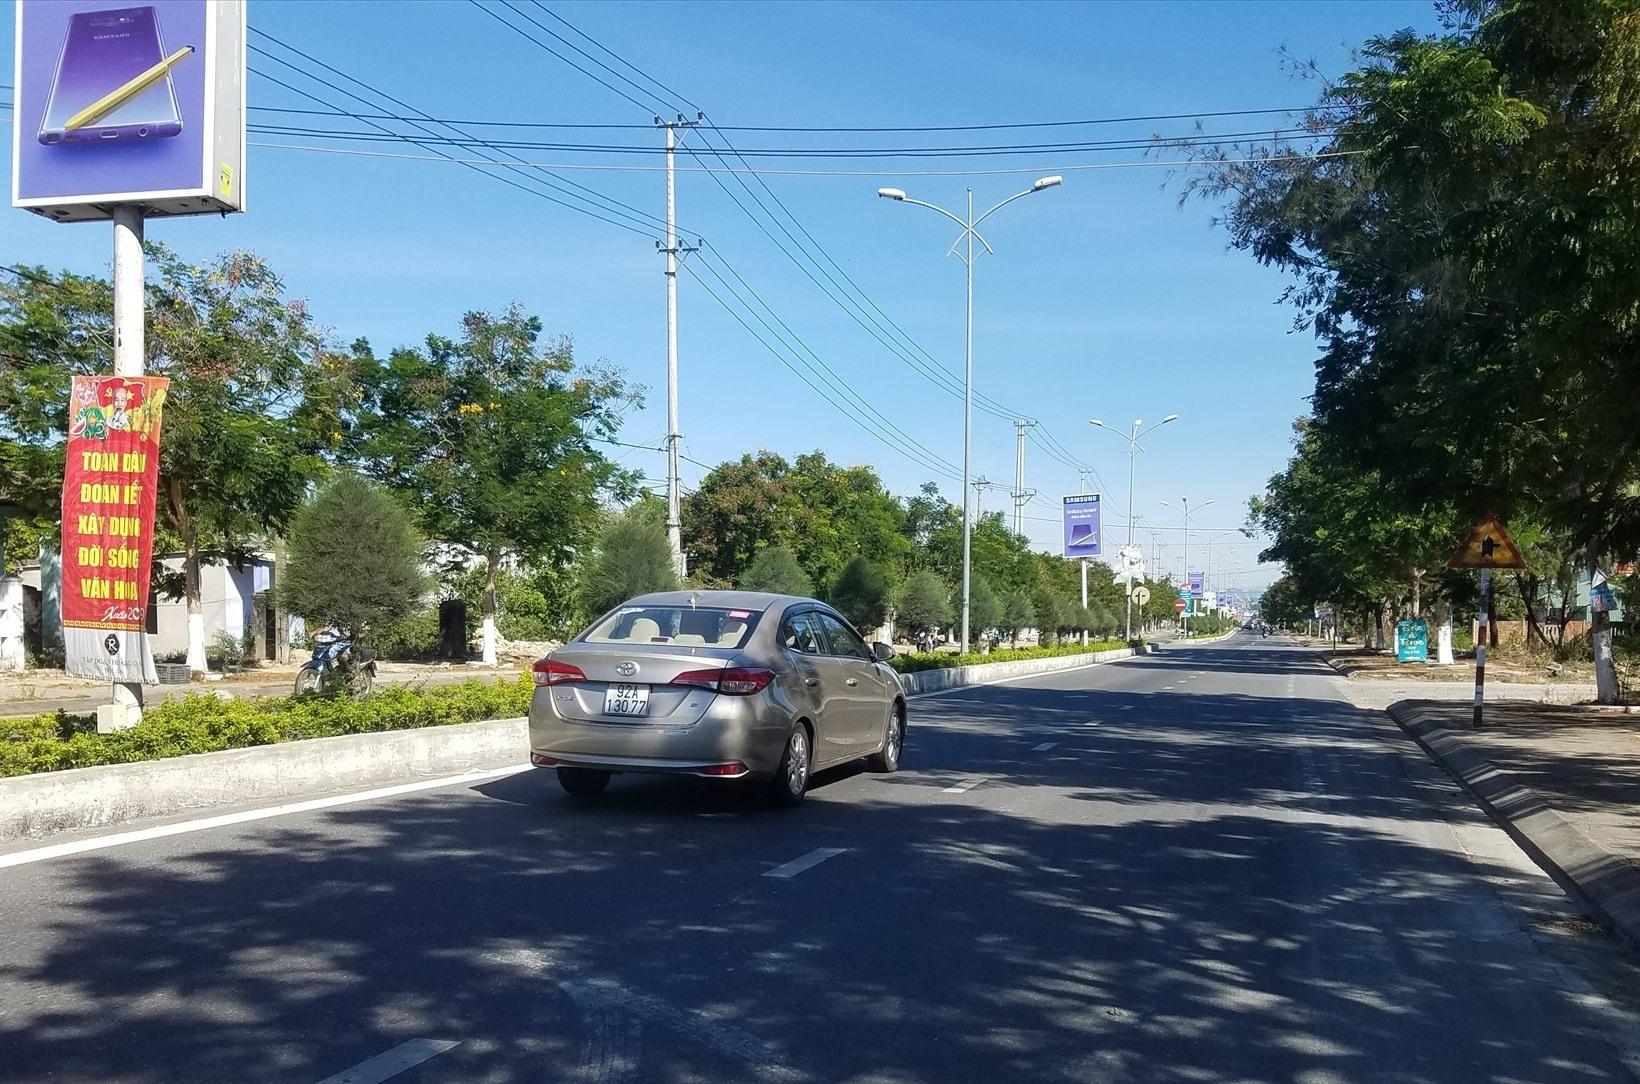 Giáo viên, học sinh, học viên không ở trong vùng dịch sẽ được trở về Đà Nẵng từ ngày 29.9 đến ngày 6.10. ảnh minh họa. Ảnh: Q.T